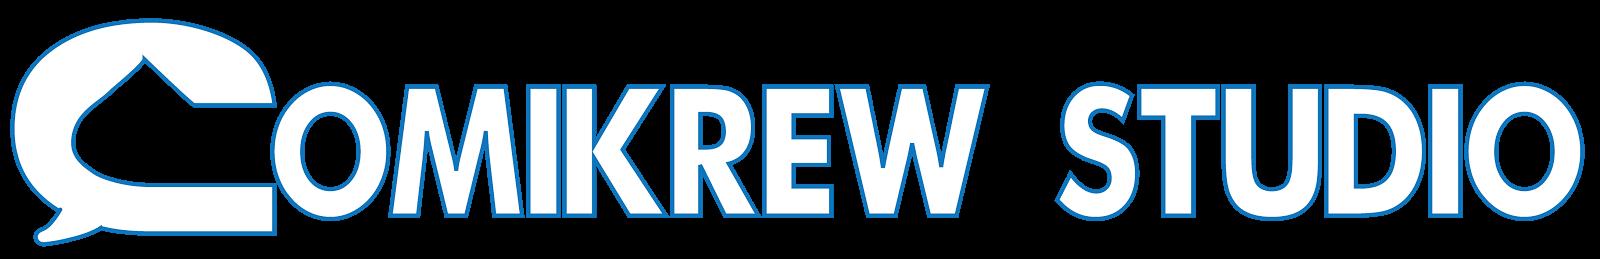 comikrew studio